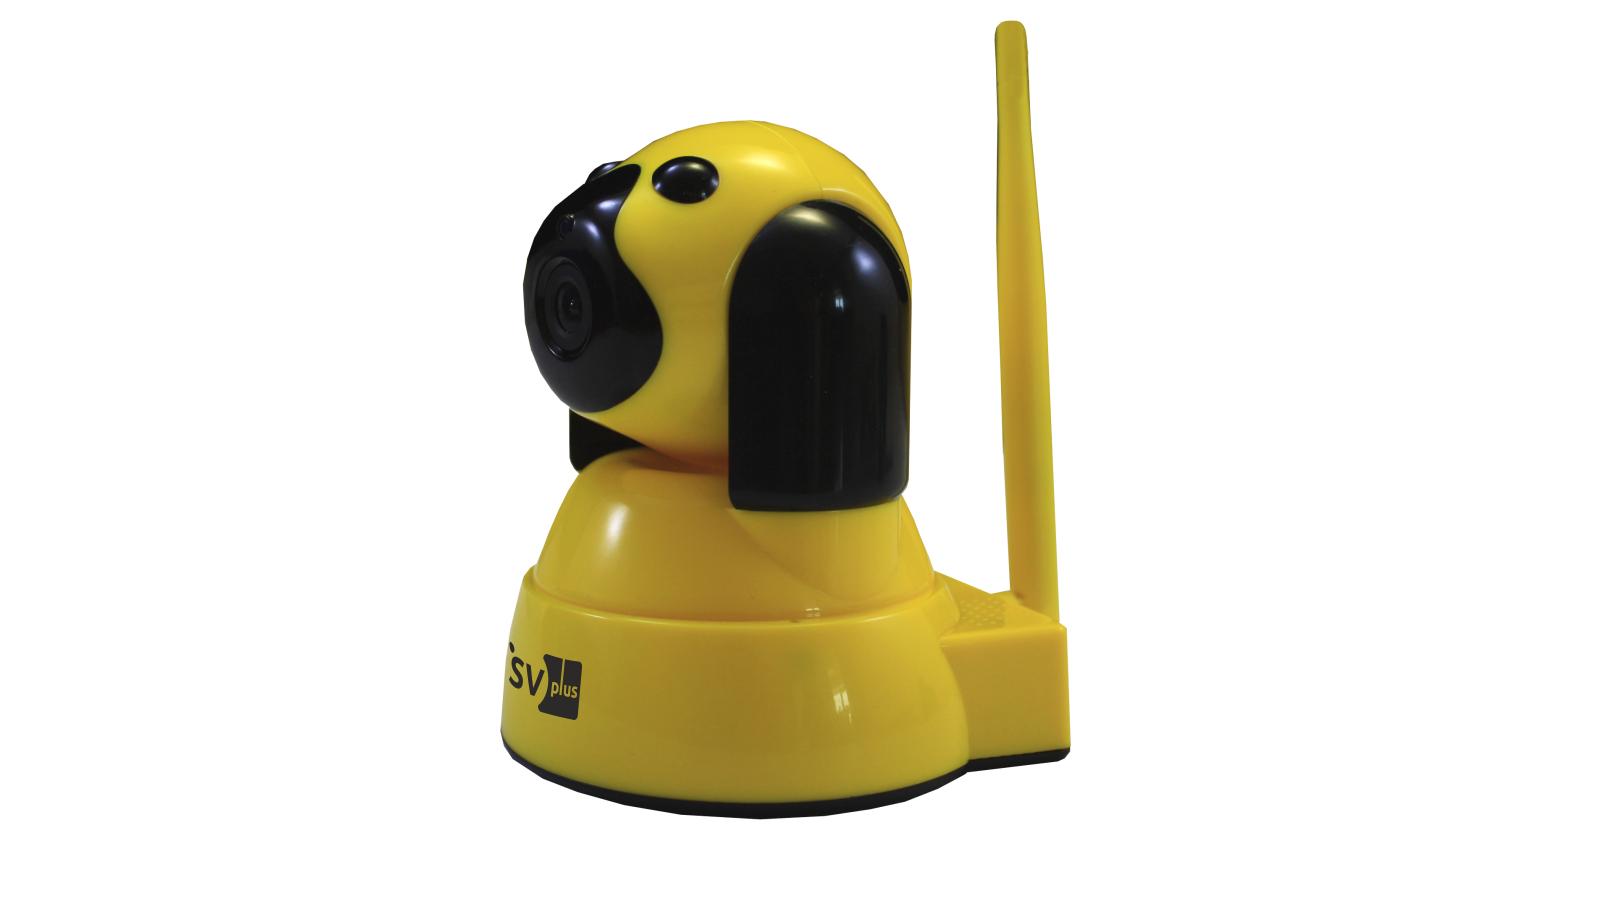 Камера видеонаблюдения Svplus Svip-pt300_dog путешествие яйцеклетки видео